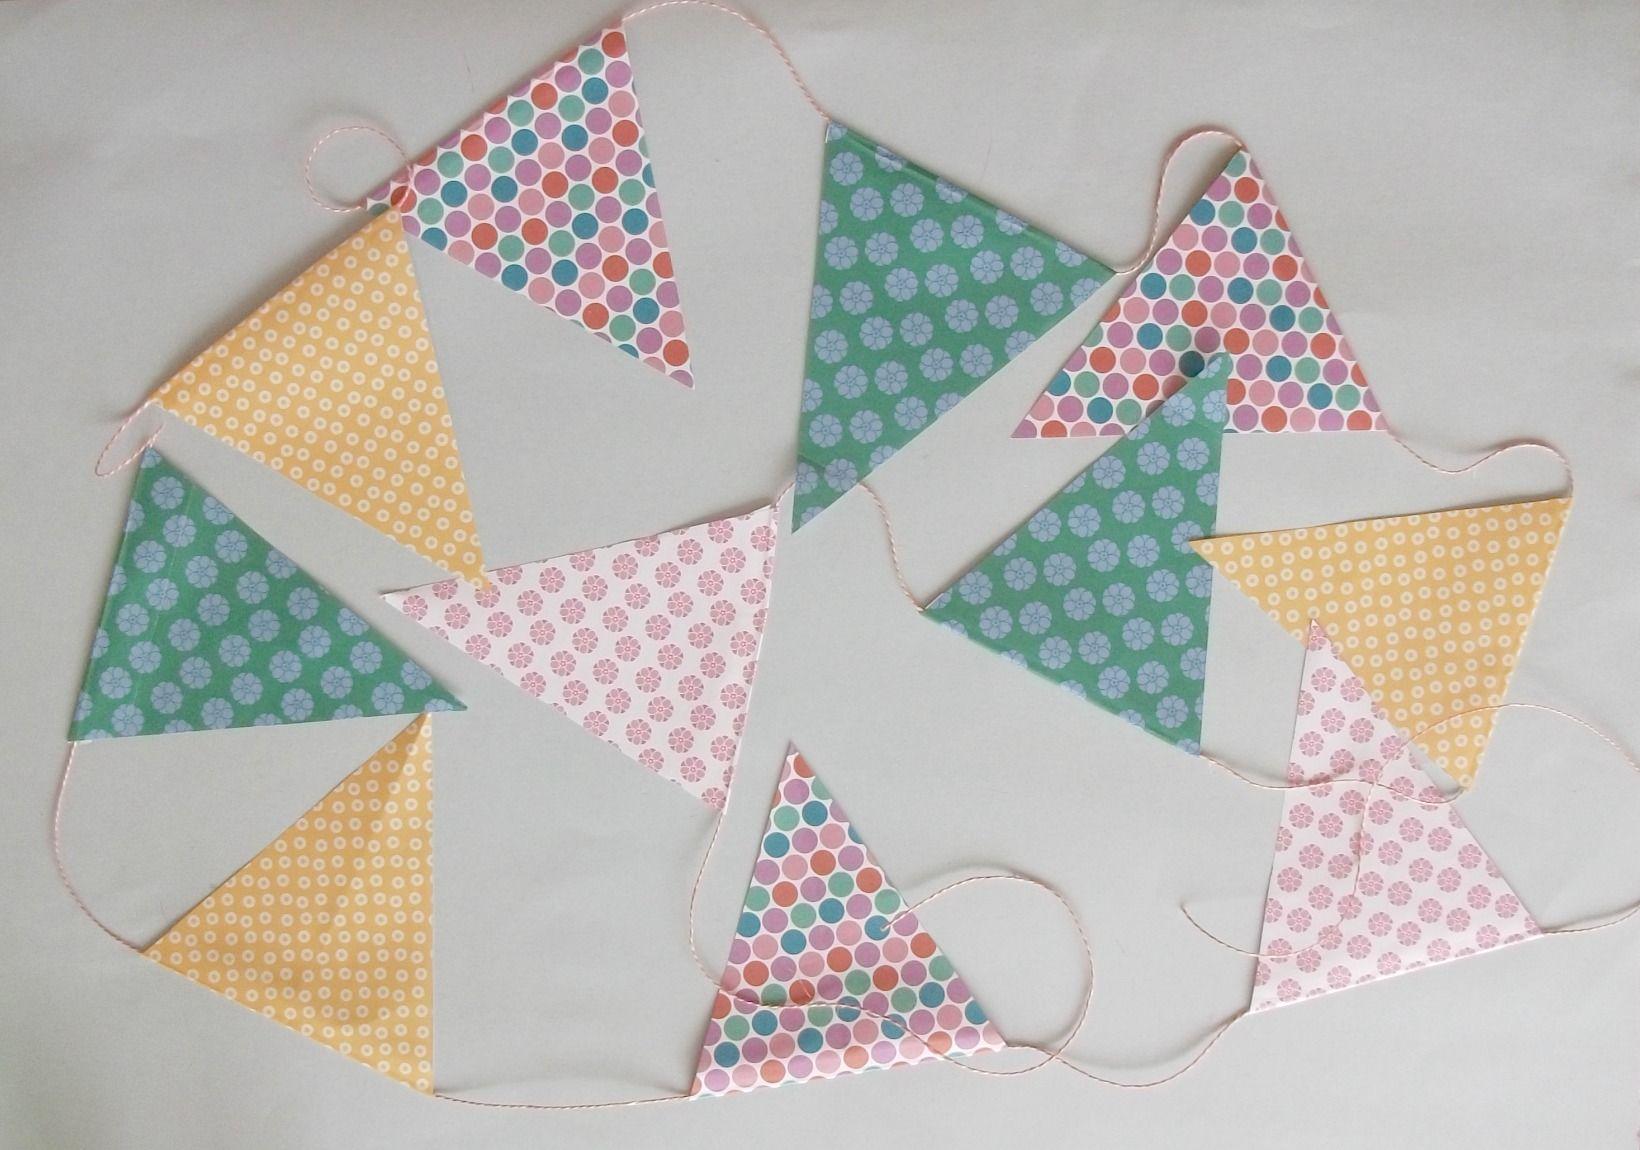 Banderines de papel hechos a mano tutorial hazlo tu mismo for Decoracion con papel barrilete